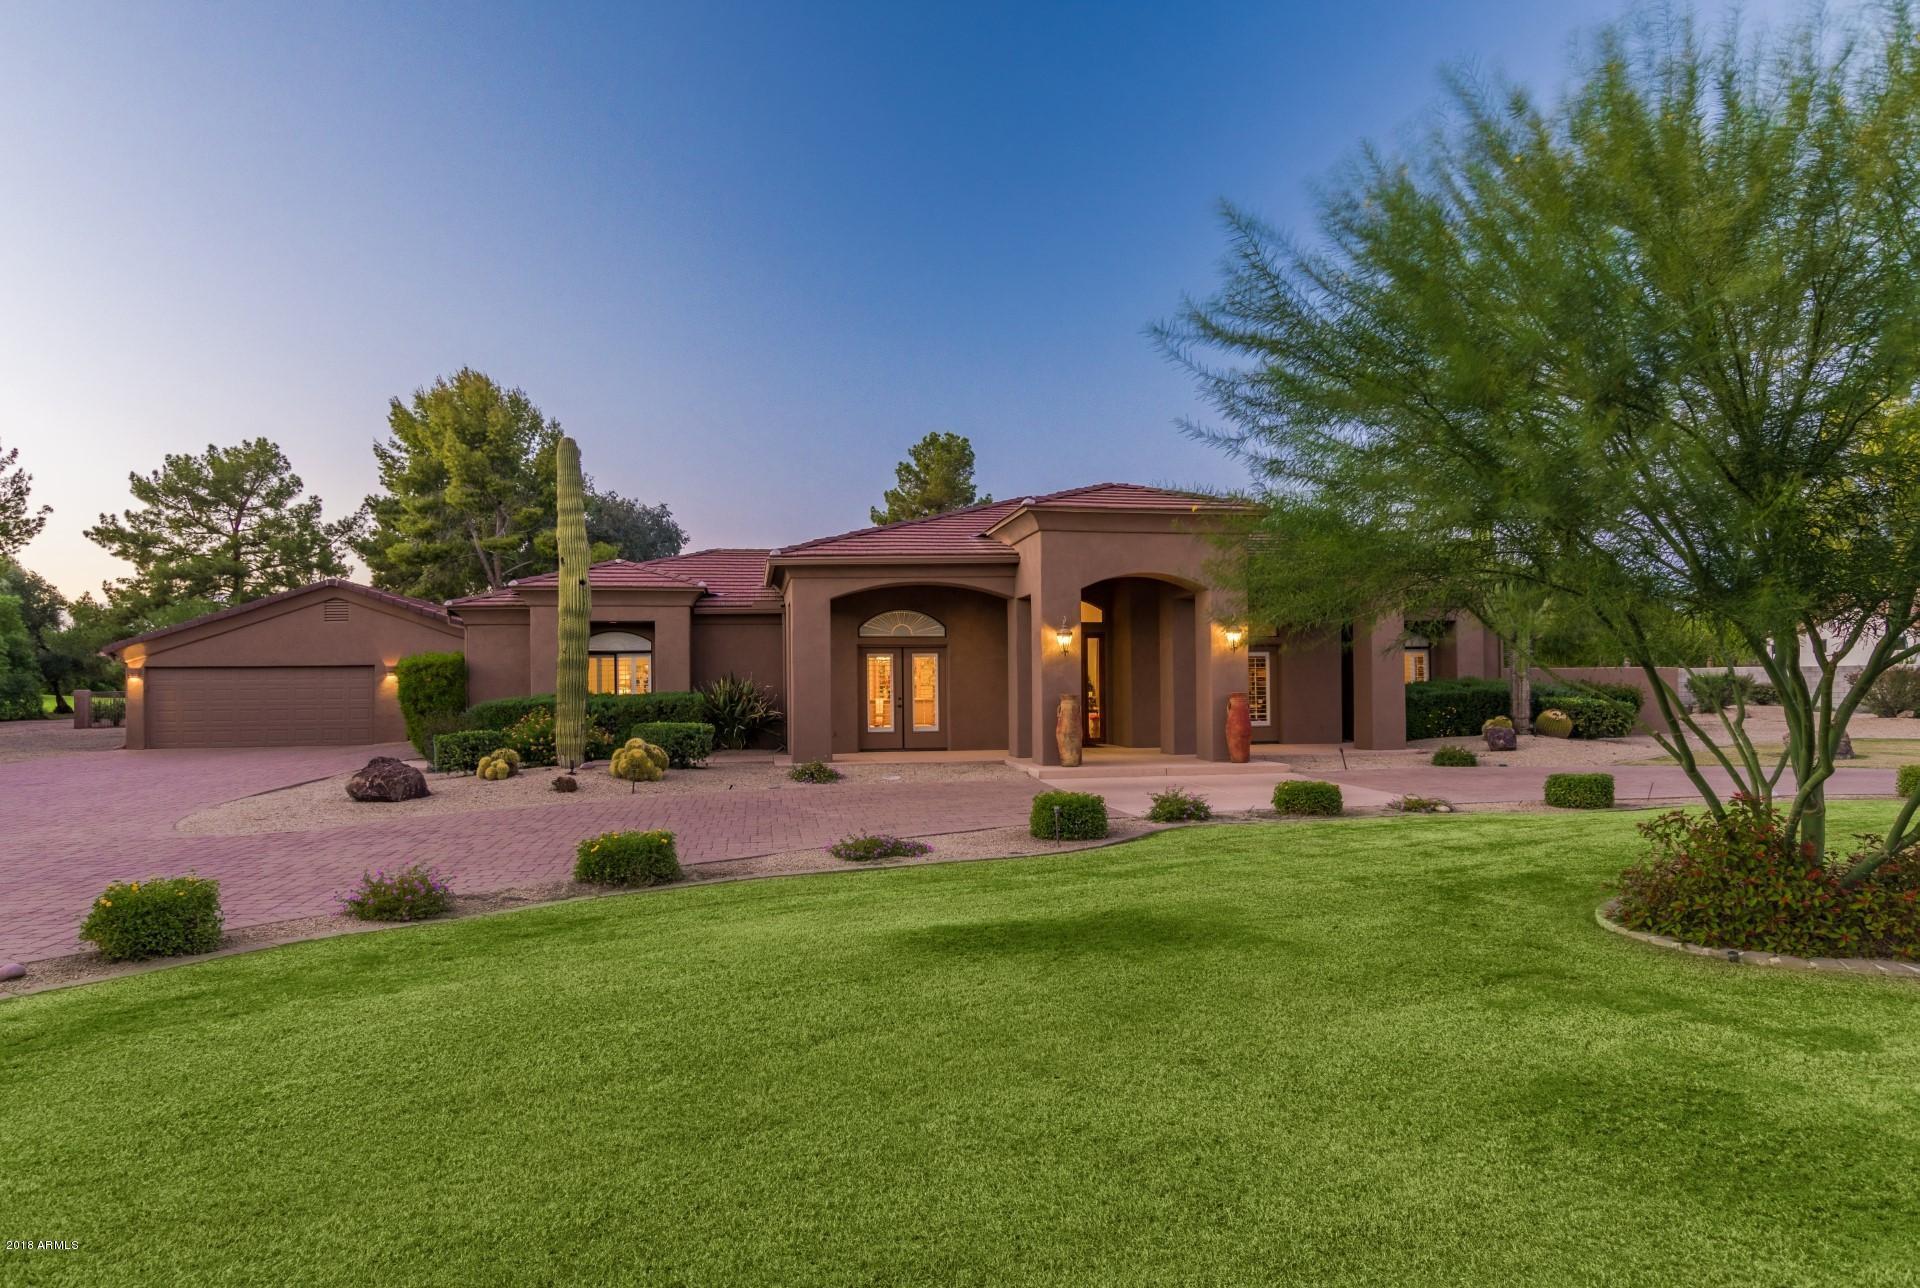 Photo of 12006 N OAKHURST Way, Scottsdale, AZ 85254